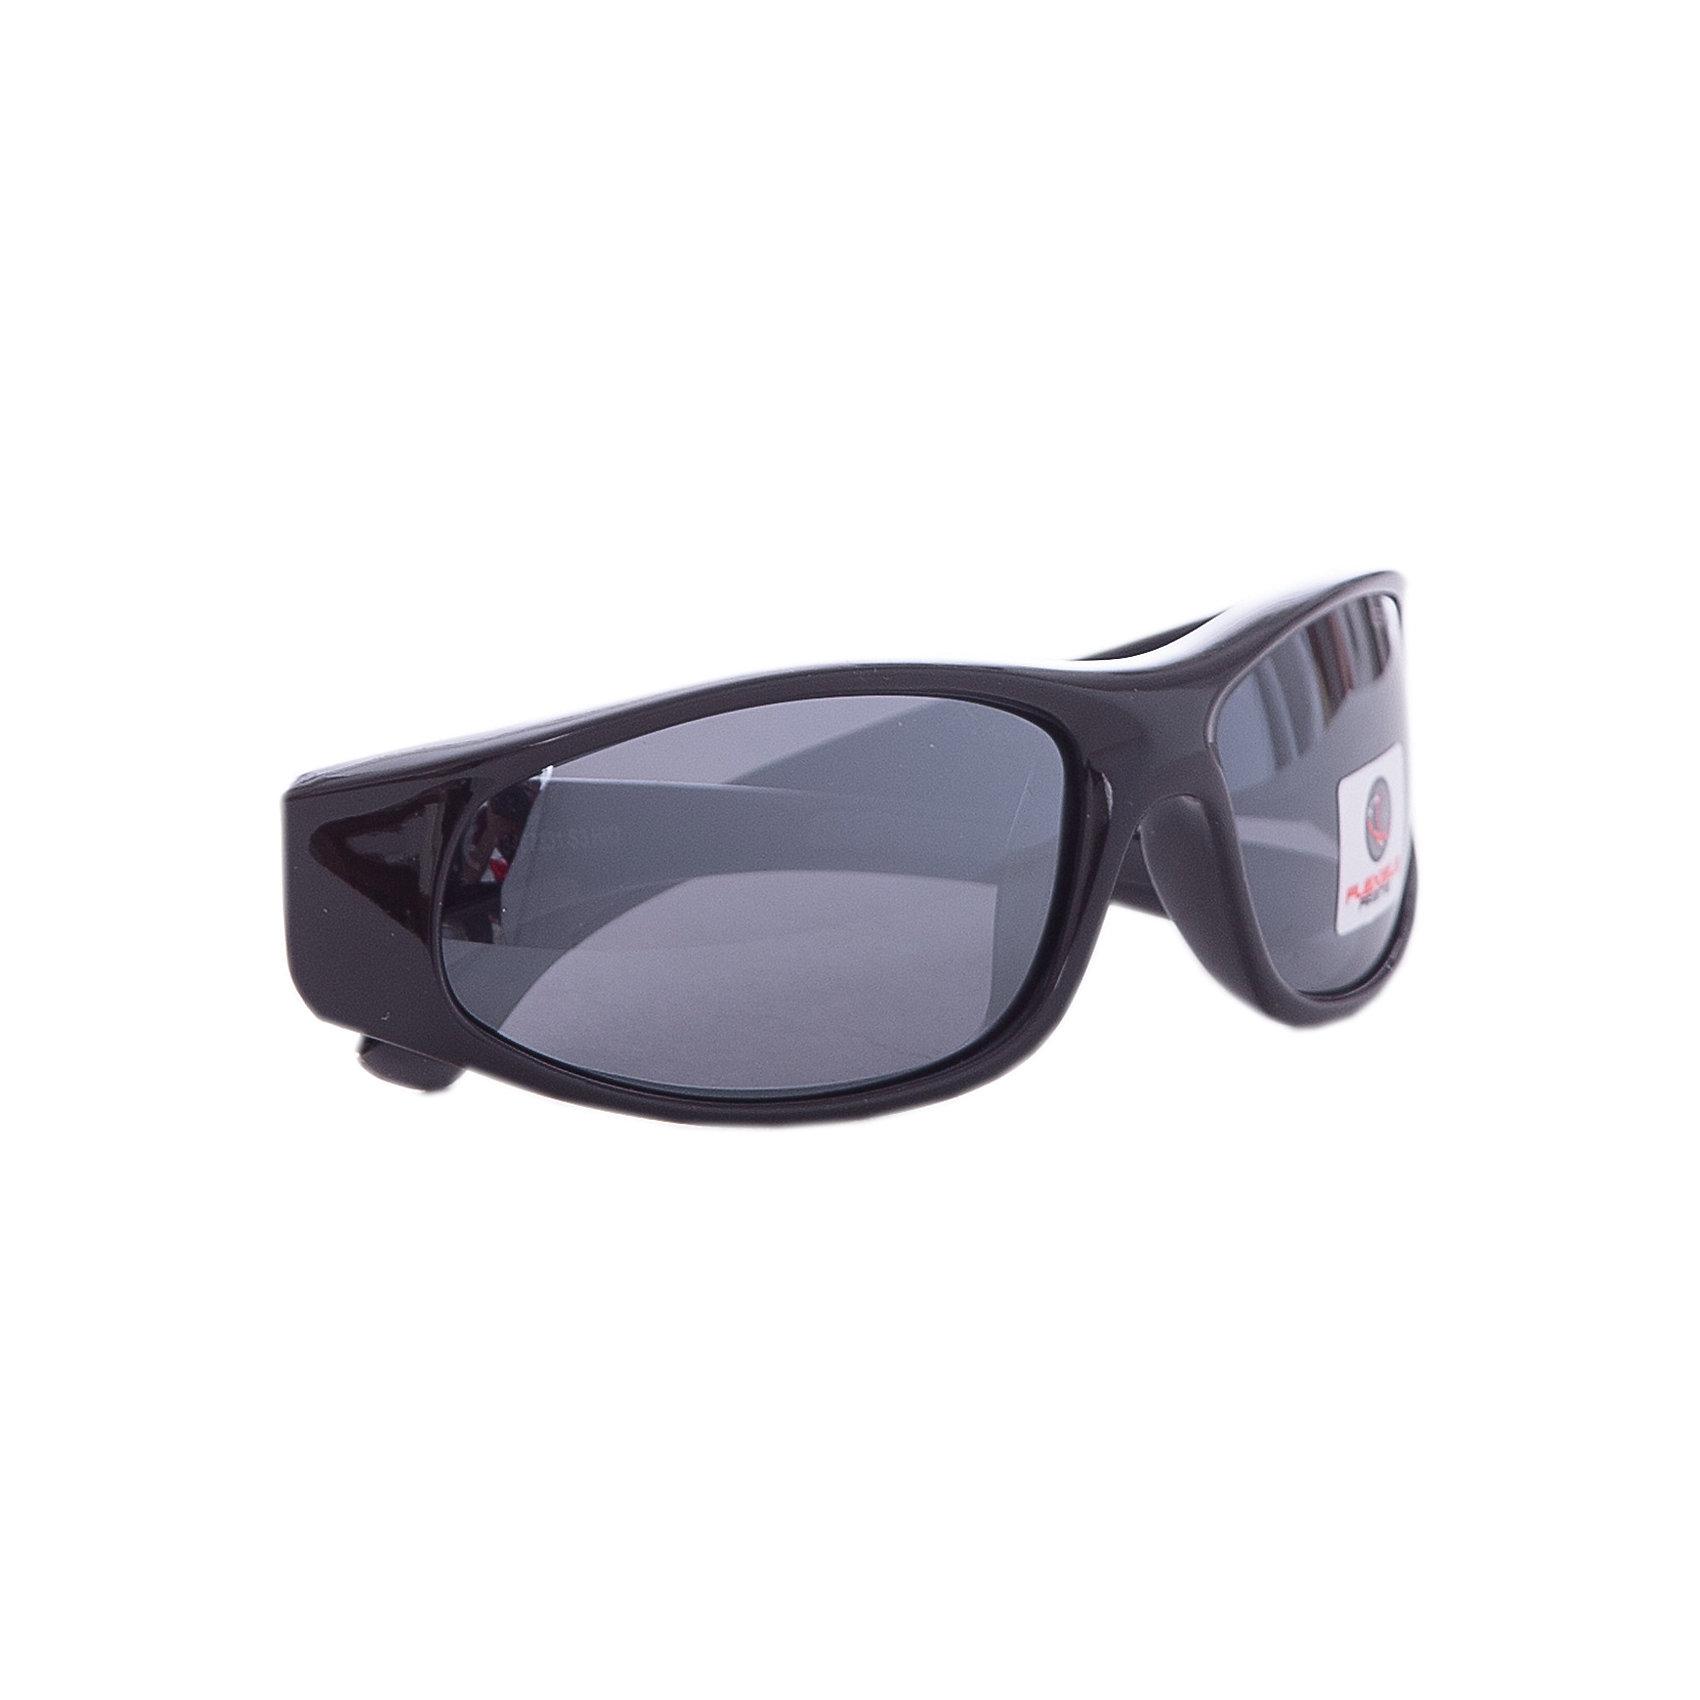 Очки солнцезащитные FLEXXY JUNIOR, черно-серые, ALPINAСолнцезащитные очки<br><br><br>Ширина мм: 173<br>Глубина мм: 78<br>Высота мм: 45<br>Вес г: 39<br>Цвет: черный<br>Возраст от месяцев: 60<br>Возраст до месяцев: 144<br>Пол: Унисекс<br>Возраст: Детский<br>SKU: 2427919